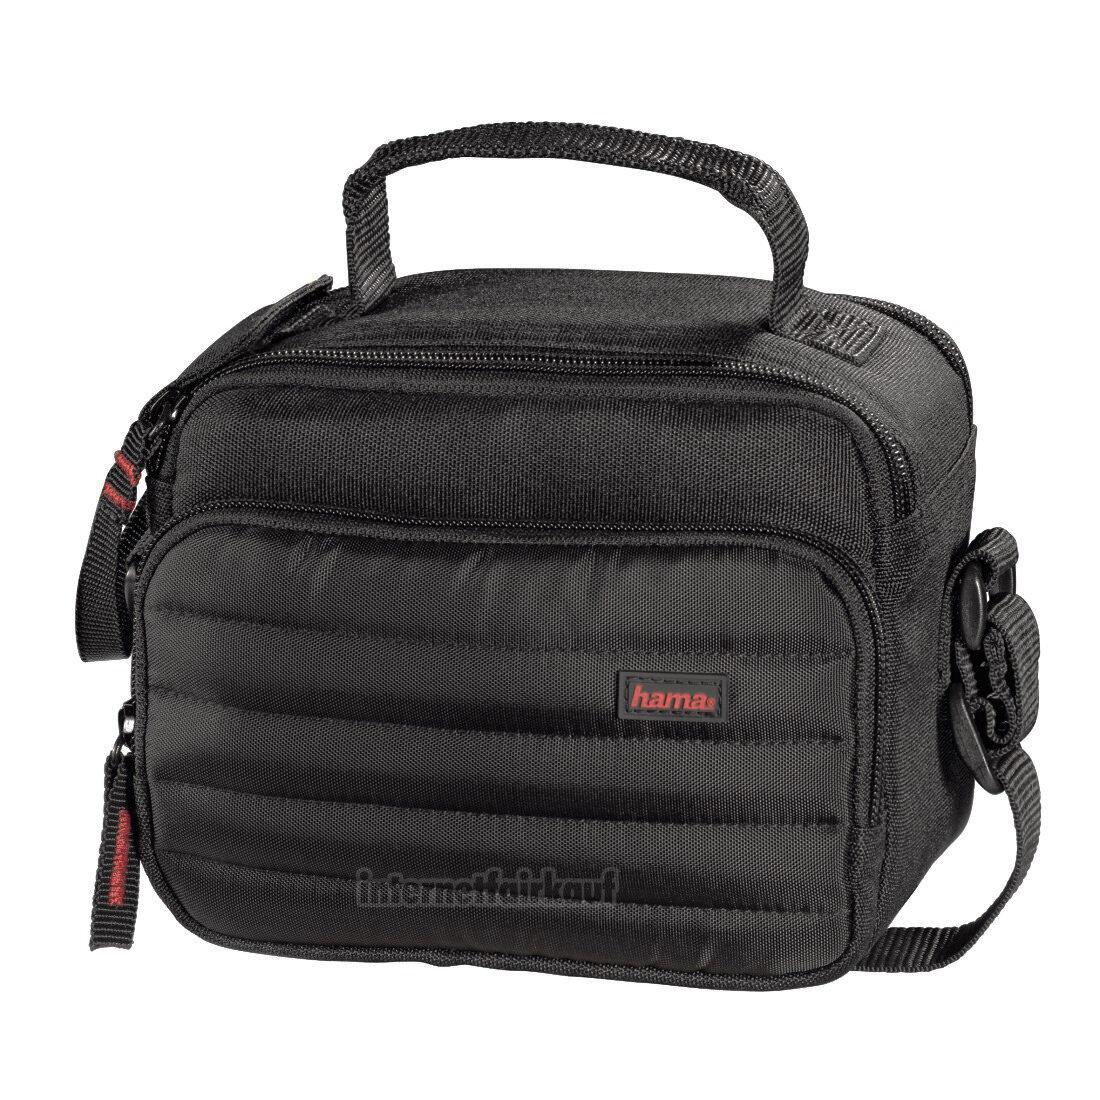 Camcorder-Tasche passend für Canon Legria HF R77 HF R66